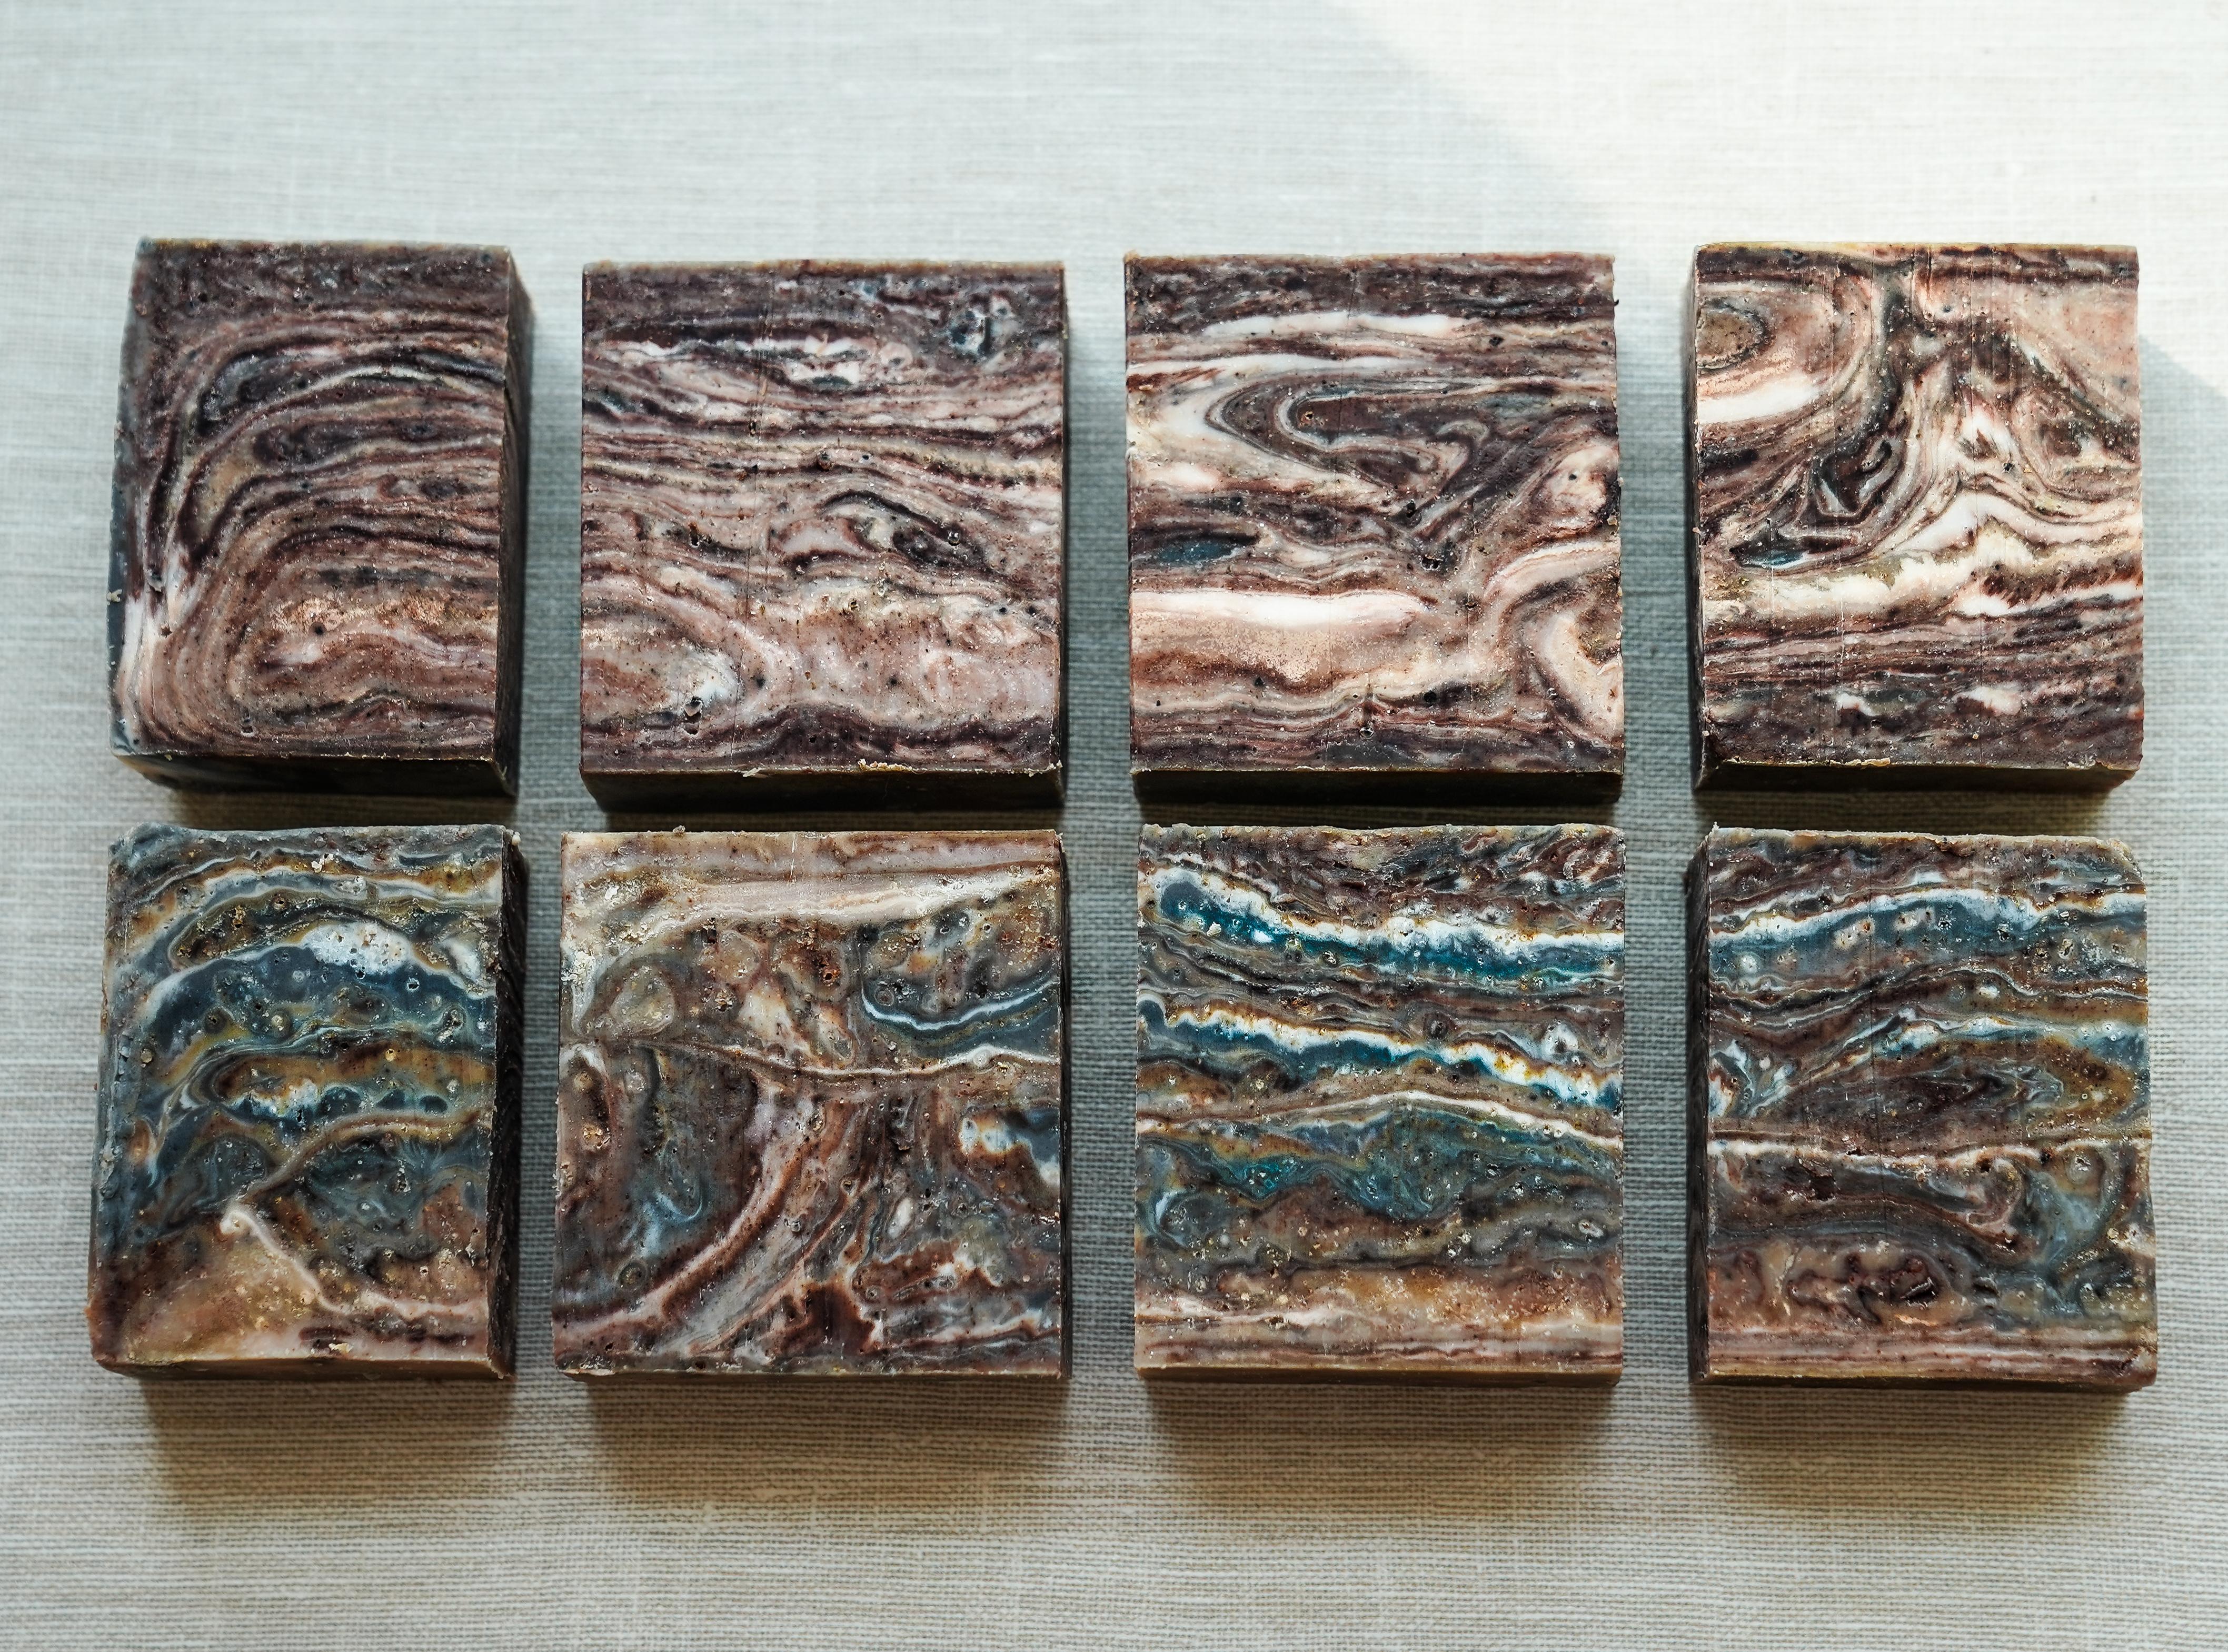 opalized wood